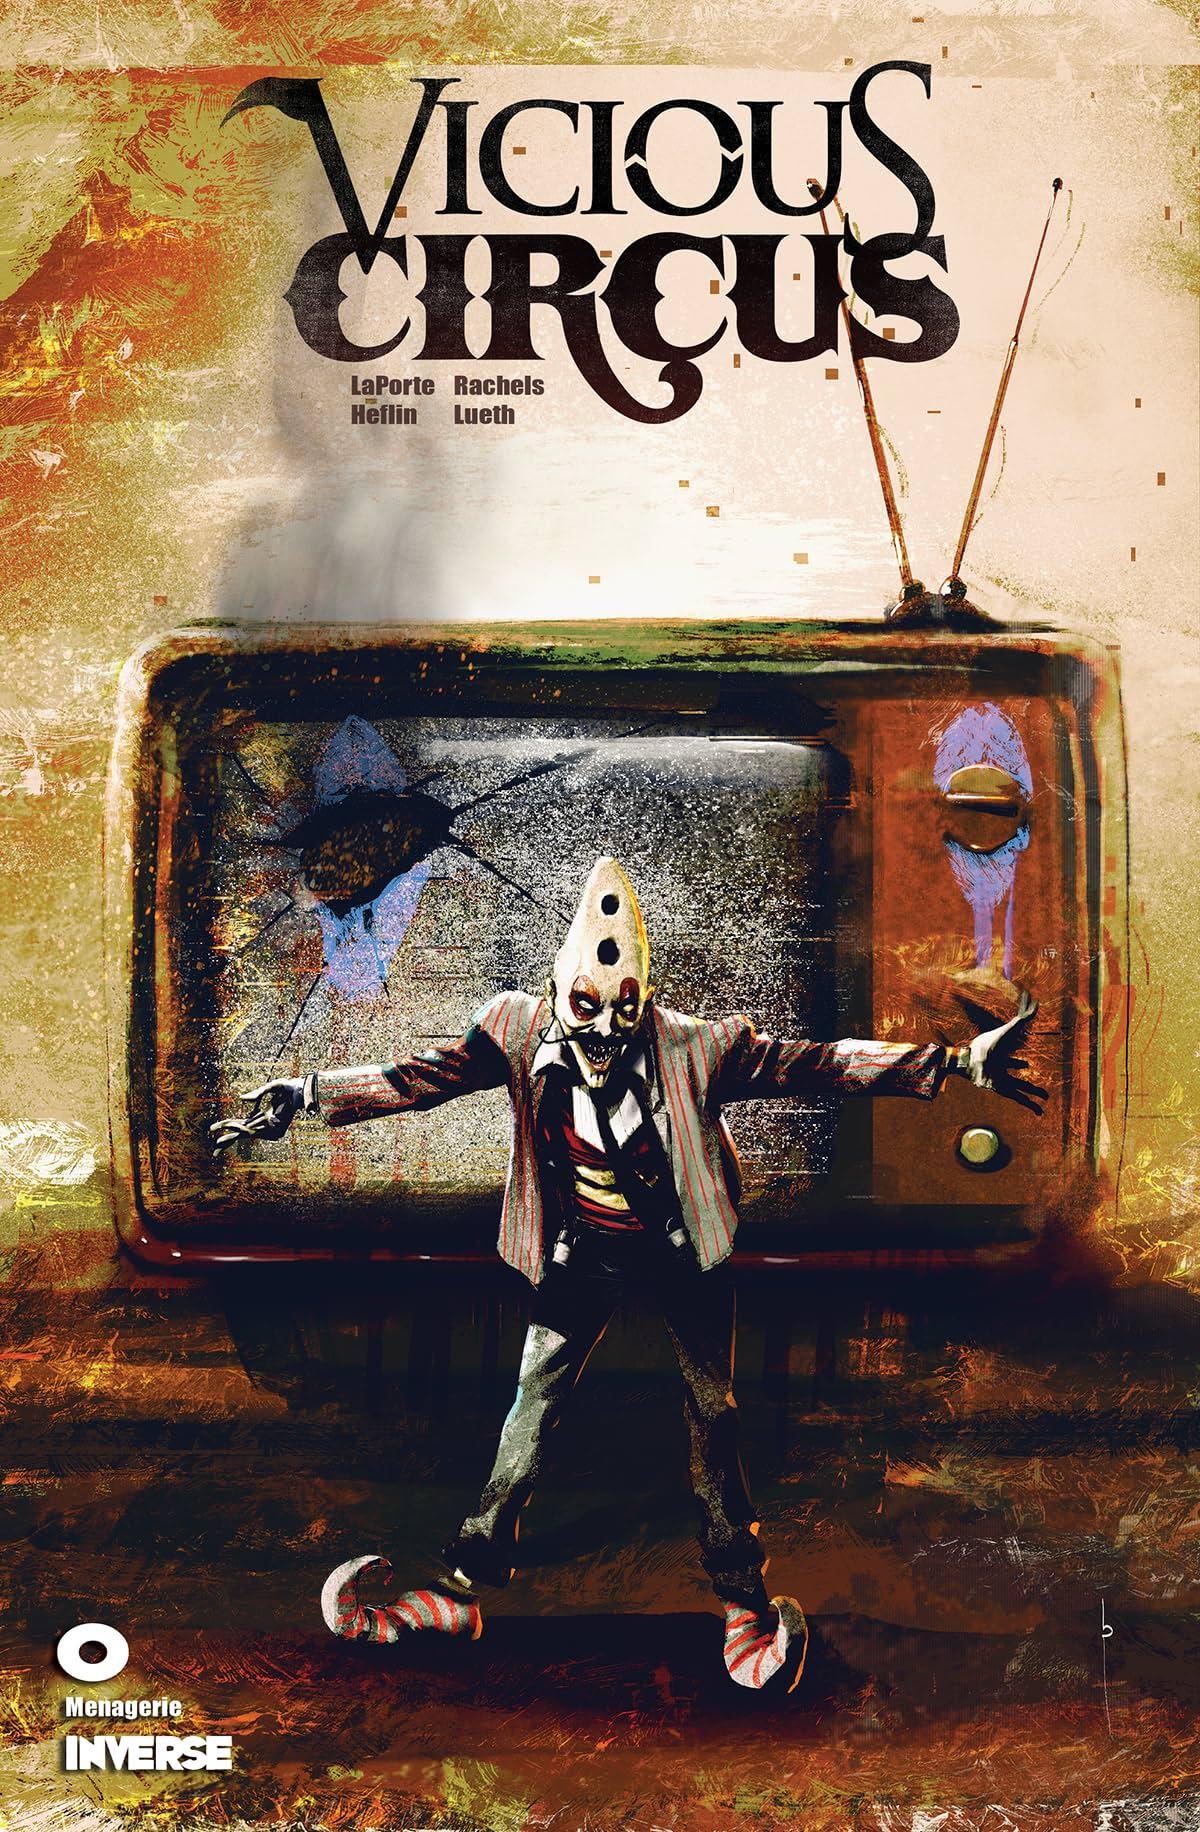 Vicious Circus #0